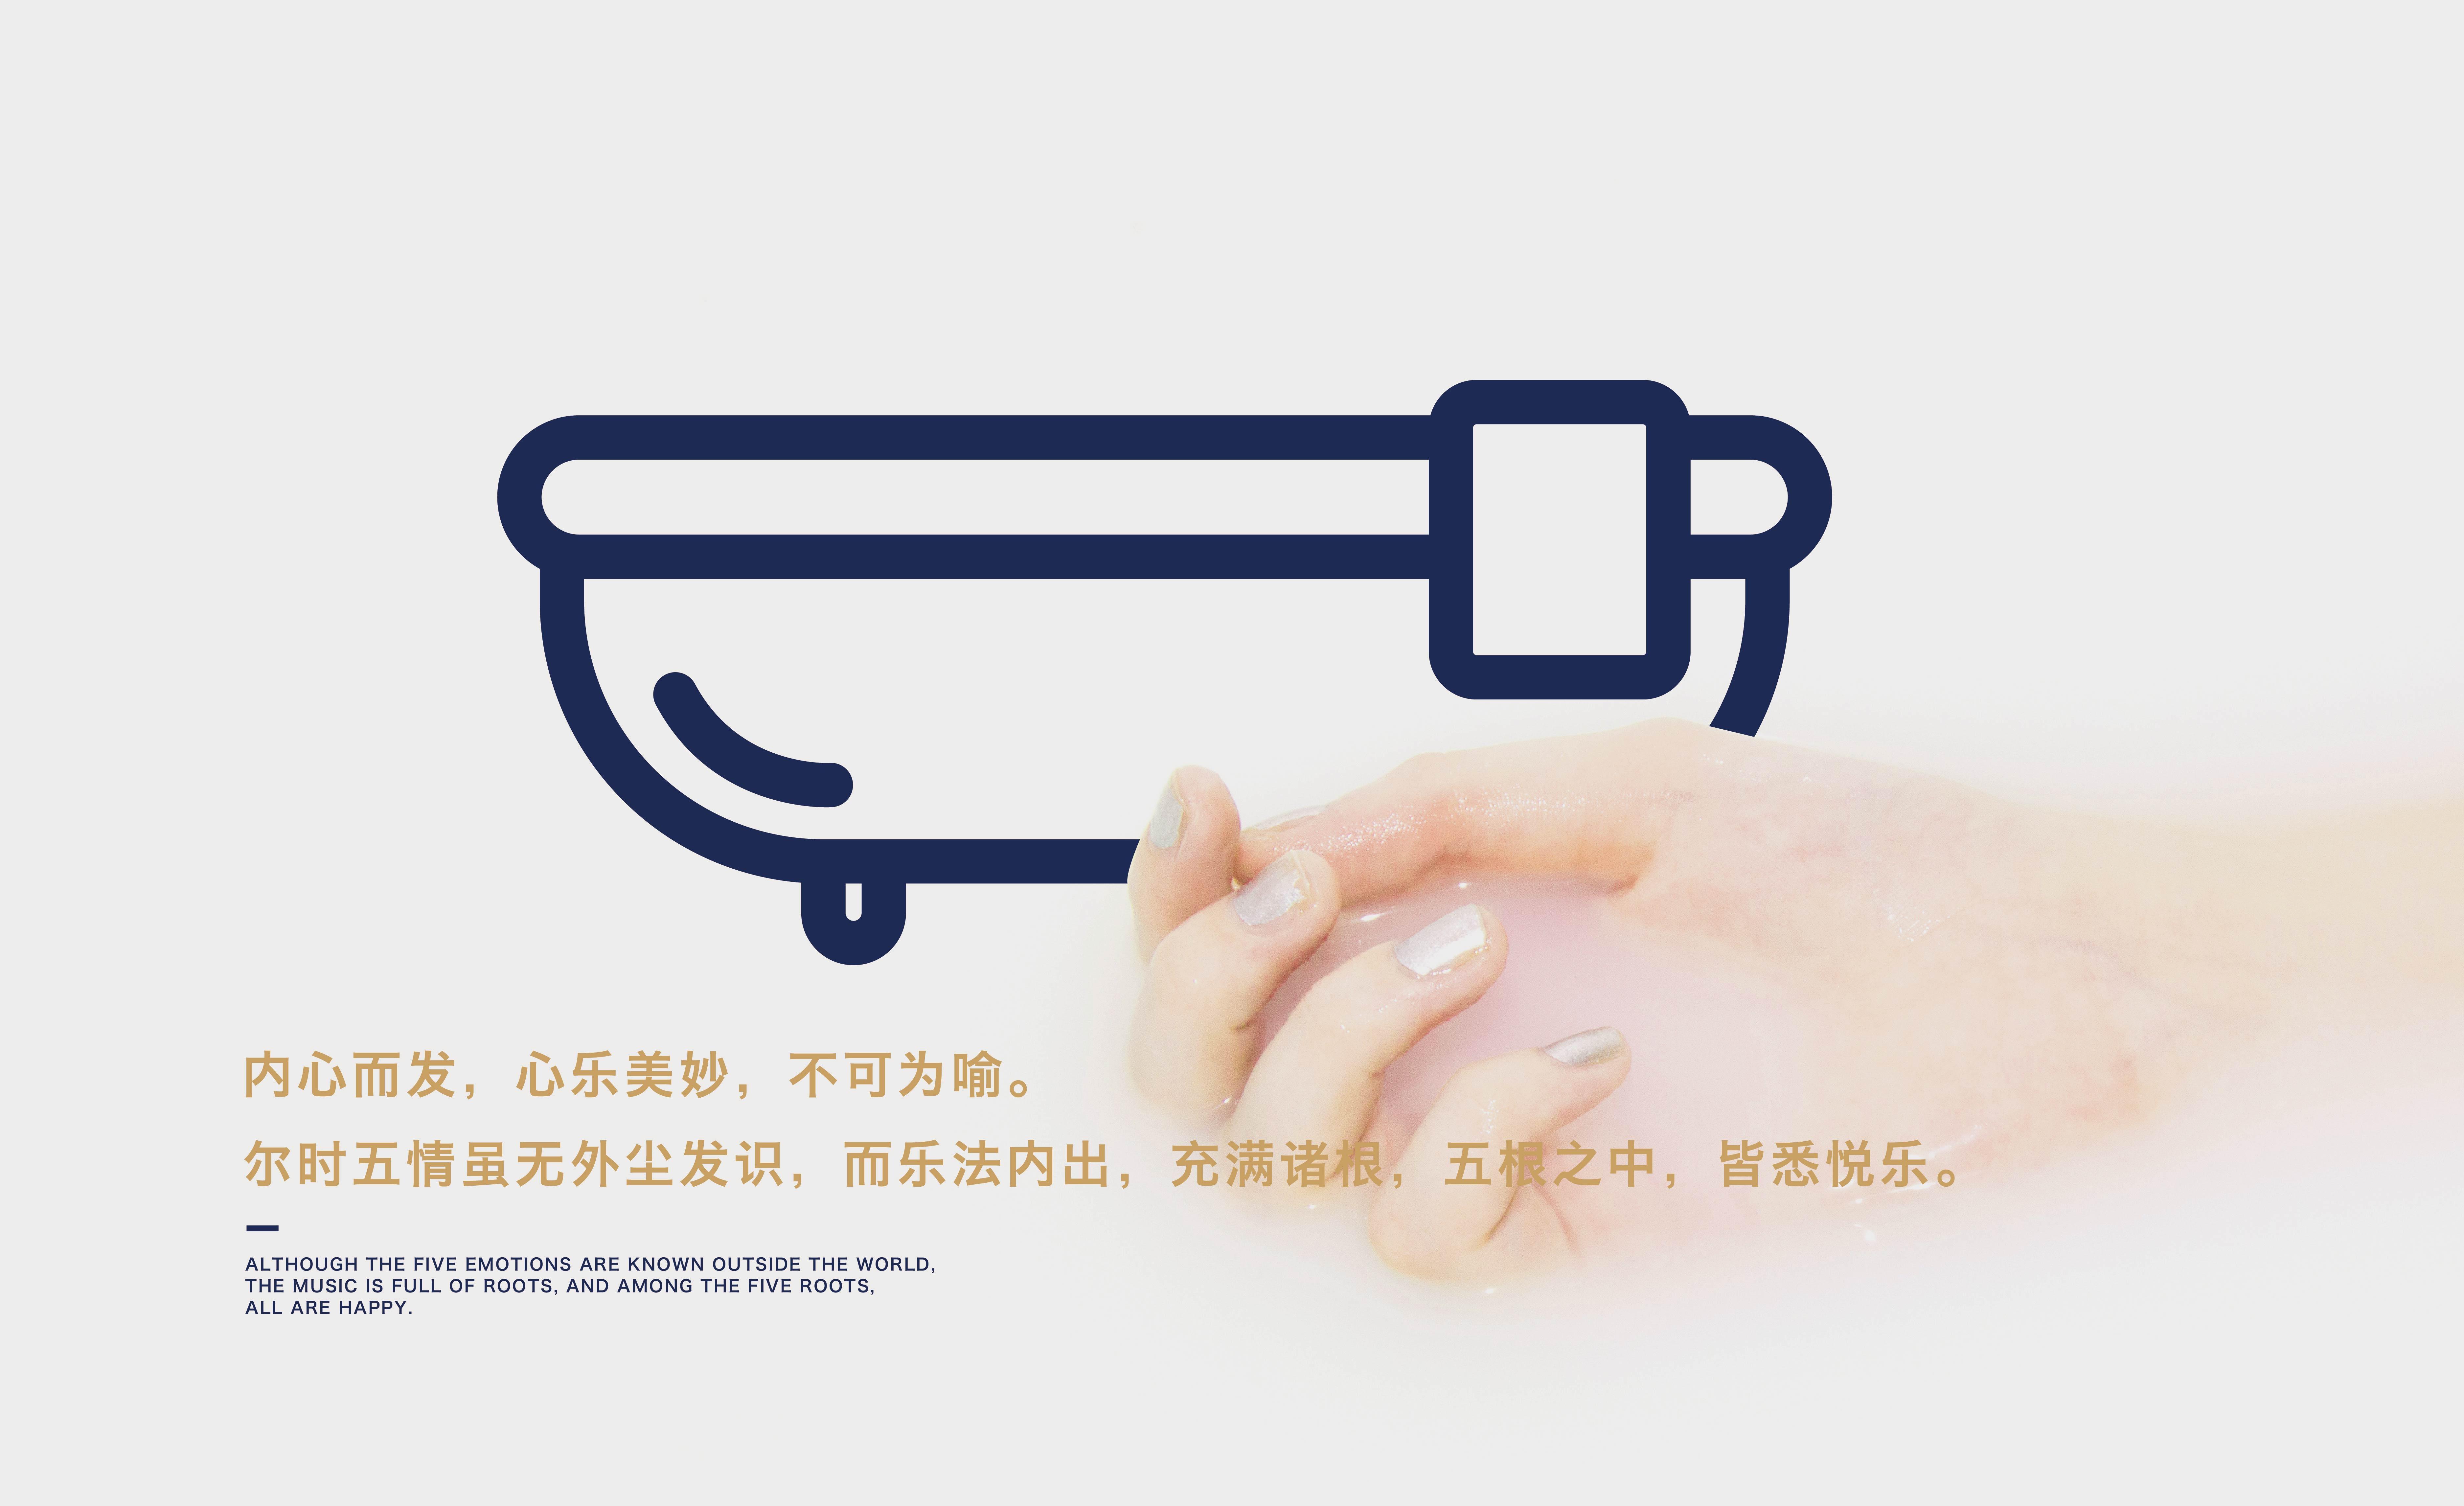 禅悦品牌形象16.jpg